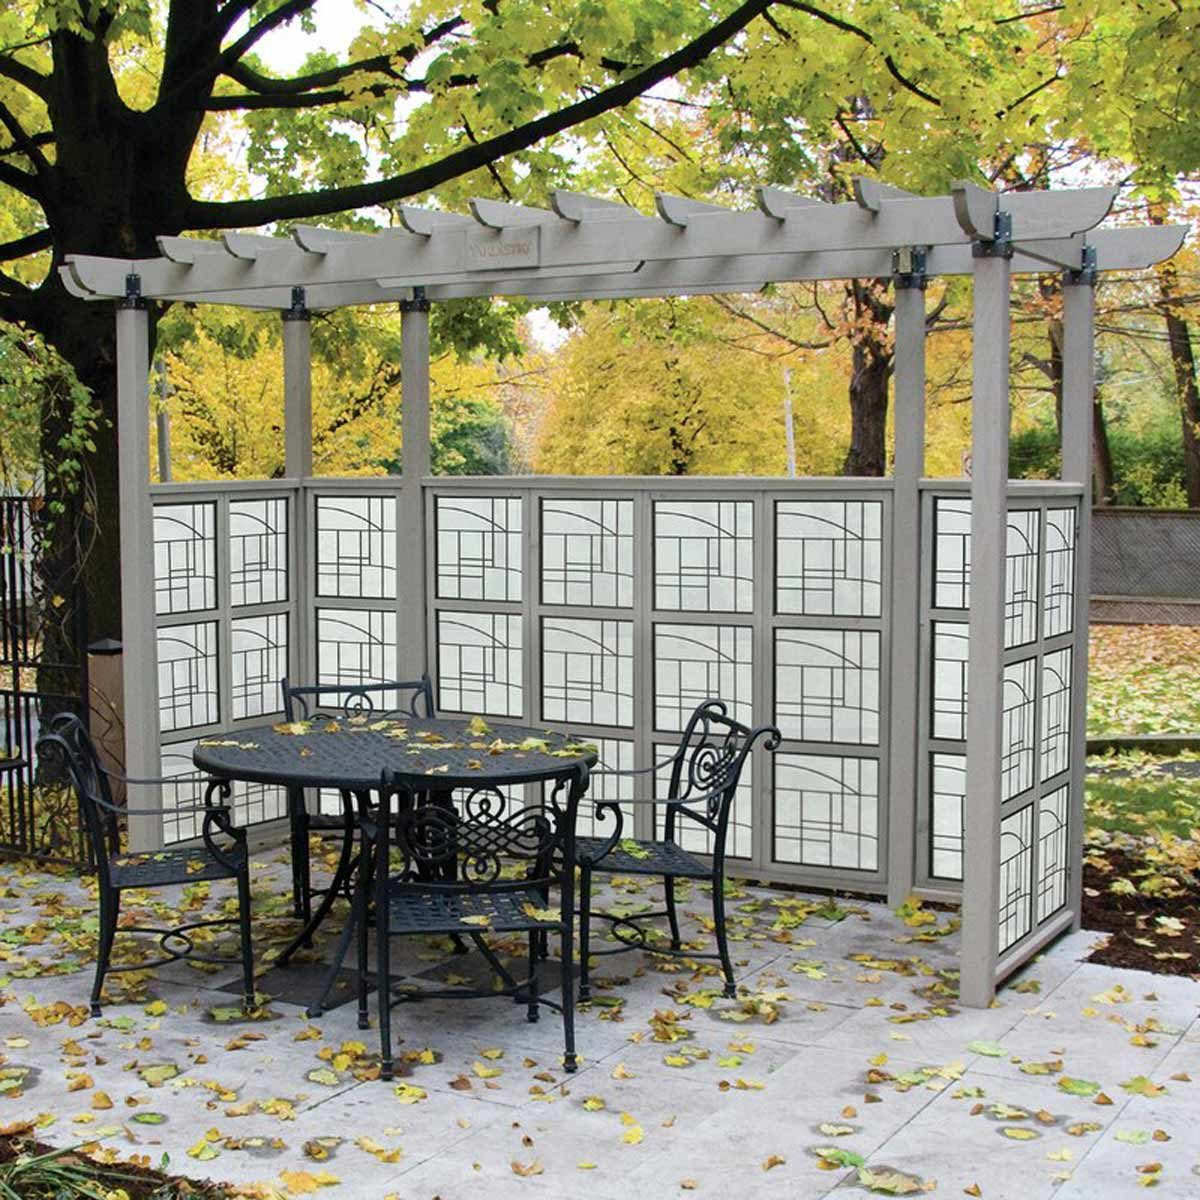 Seneca Privacy Arbor 6 Ft. W x 4 Ft. D Solid Wood Pergola